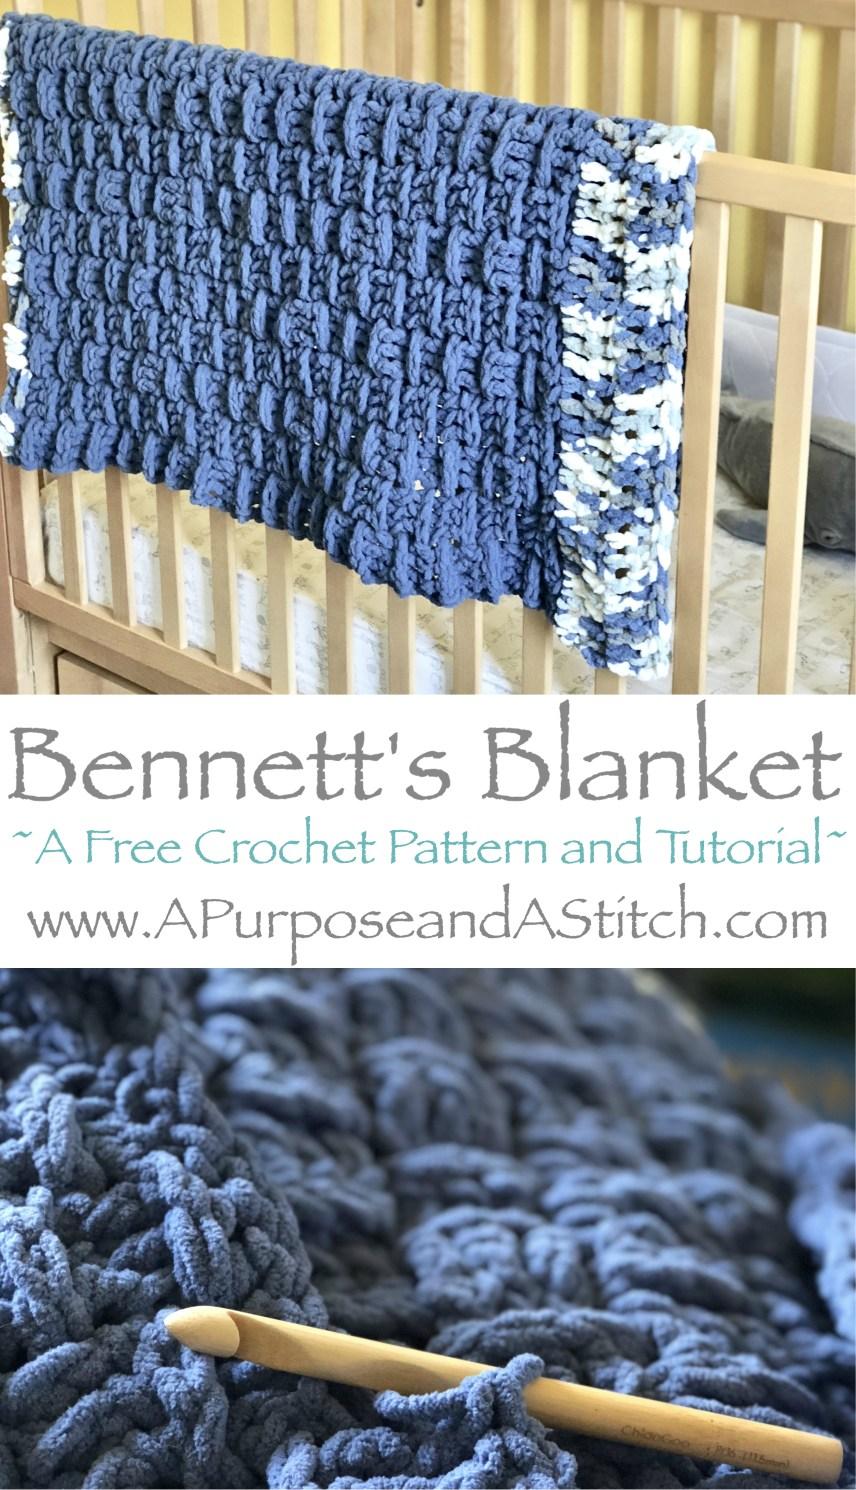 Bennett's Blanket.jpg